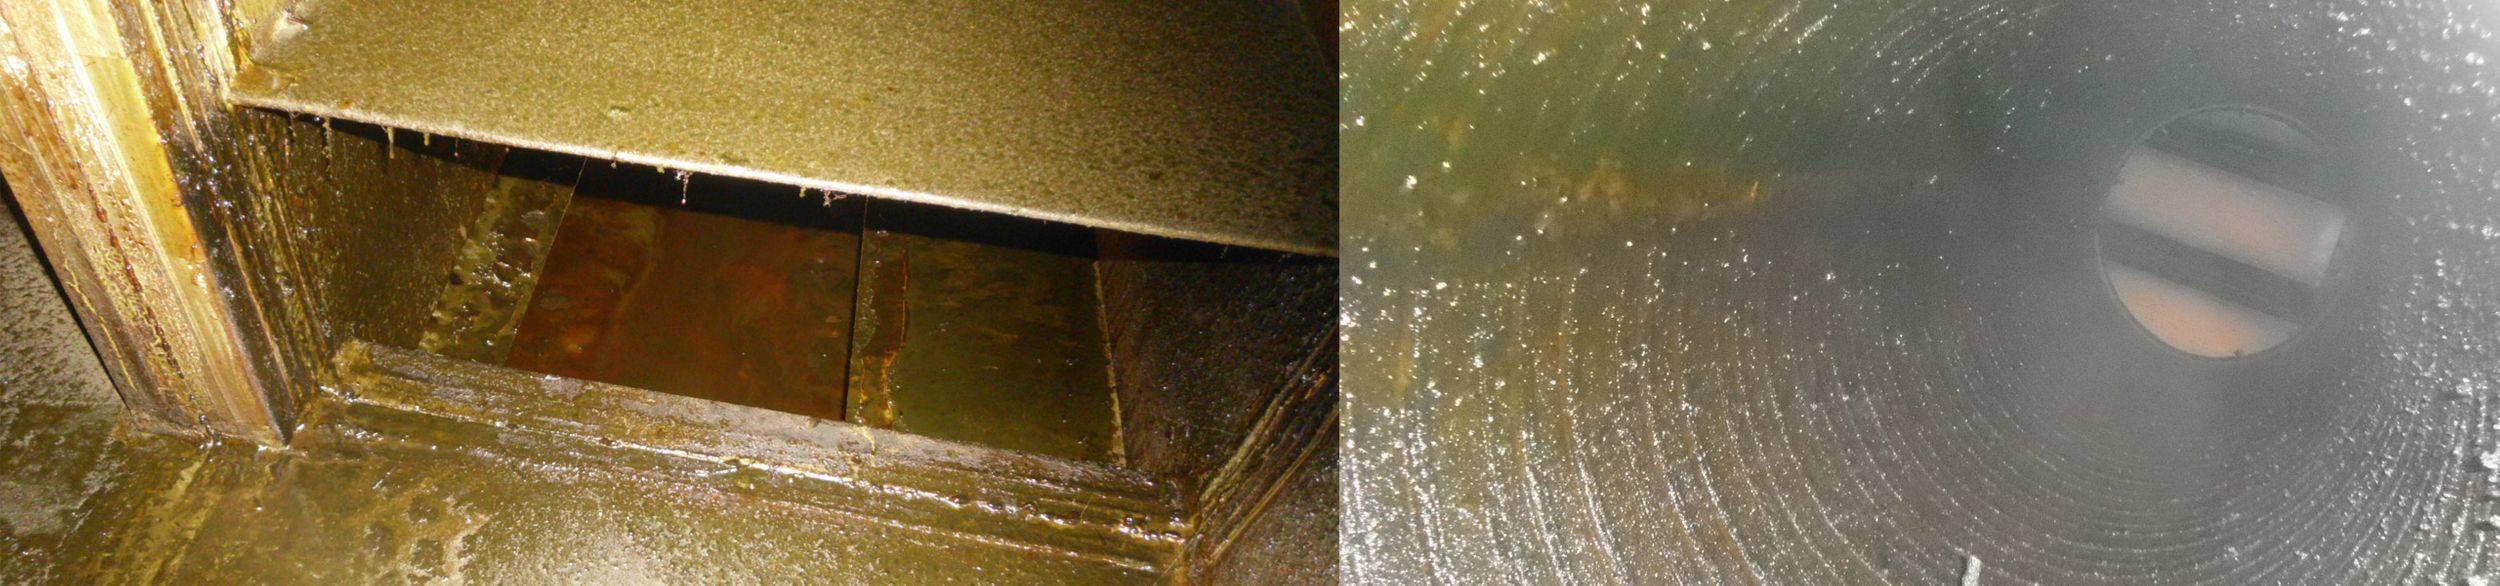 Full Size of Küchenabluft Reinigung Nach Vdi 2052 Preclarus Gmbh In Lnen Wohnzimmer Küchenabluft